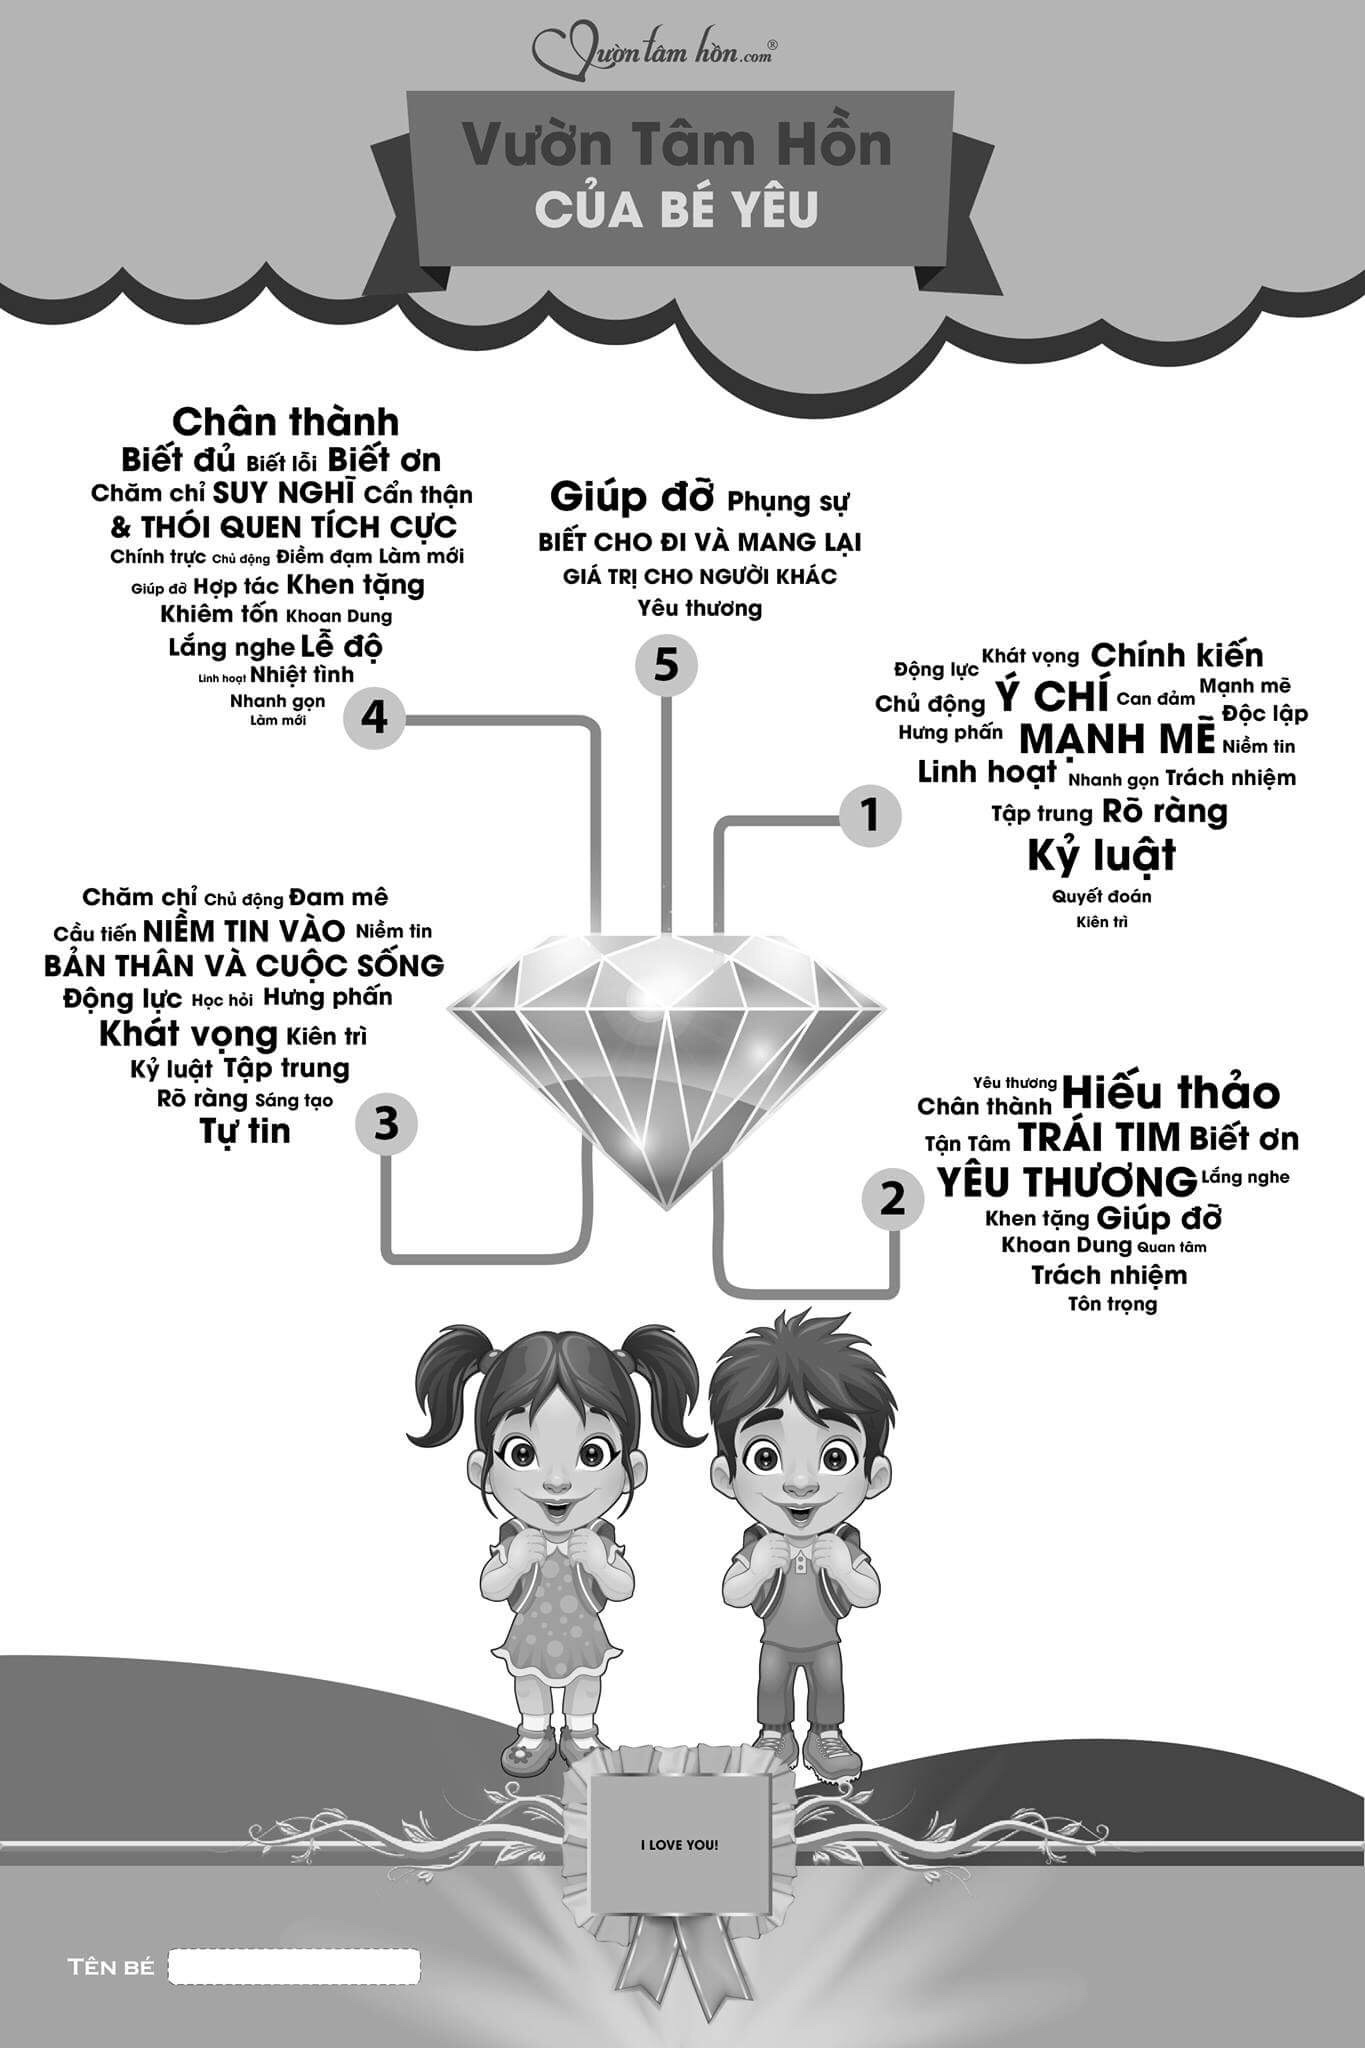 Vườn Tâm Hồn tạo ra đứa trẻ như thế nào?